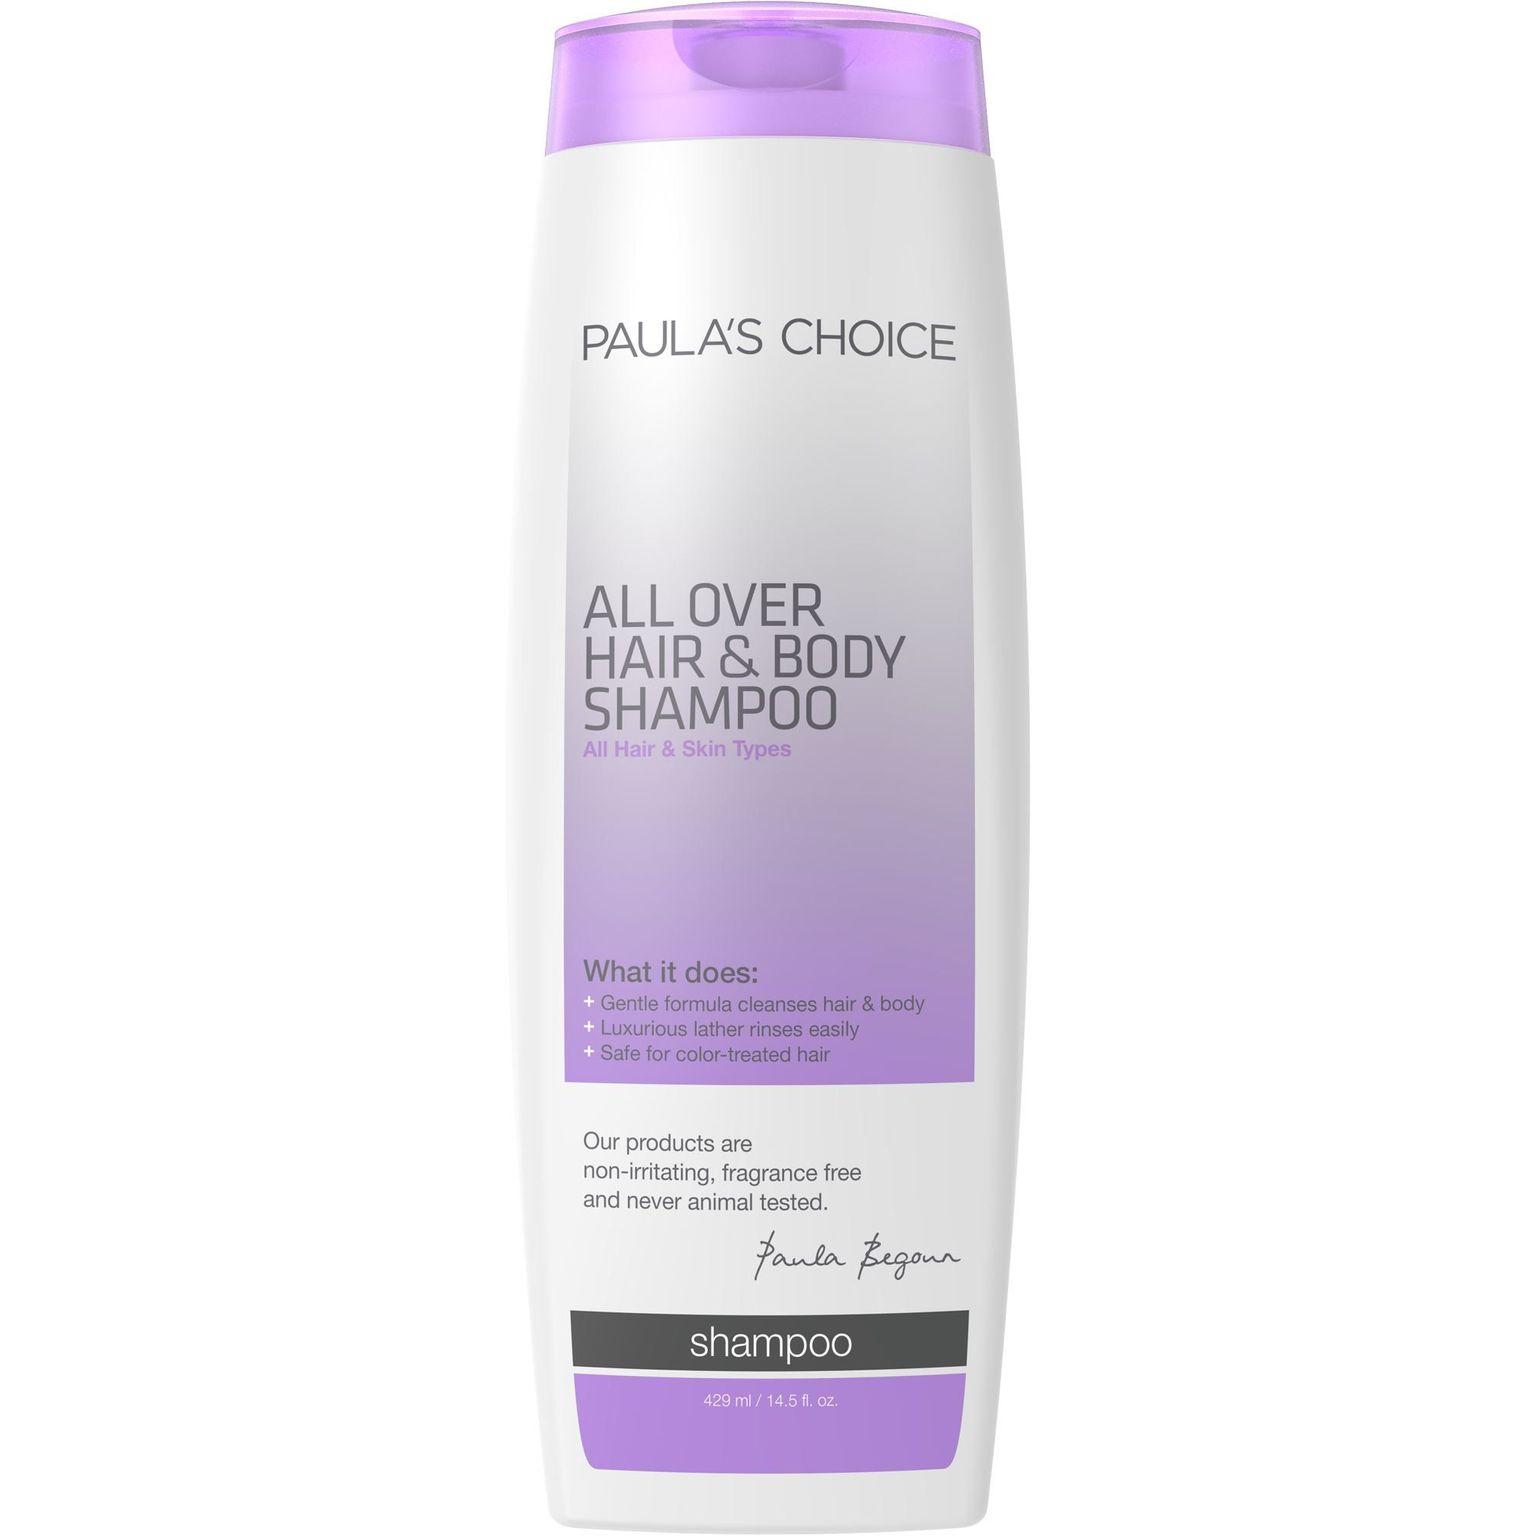 Paula's Choice All Over Hair & Body Shampoo